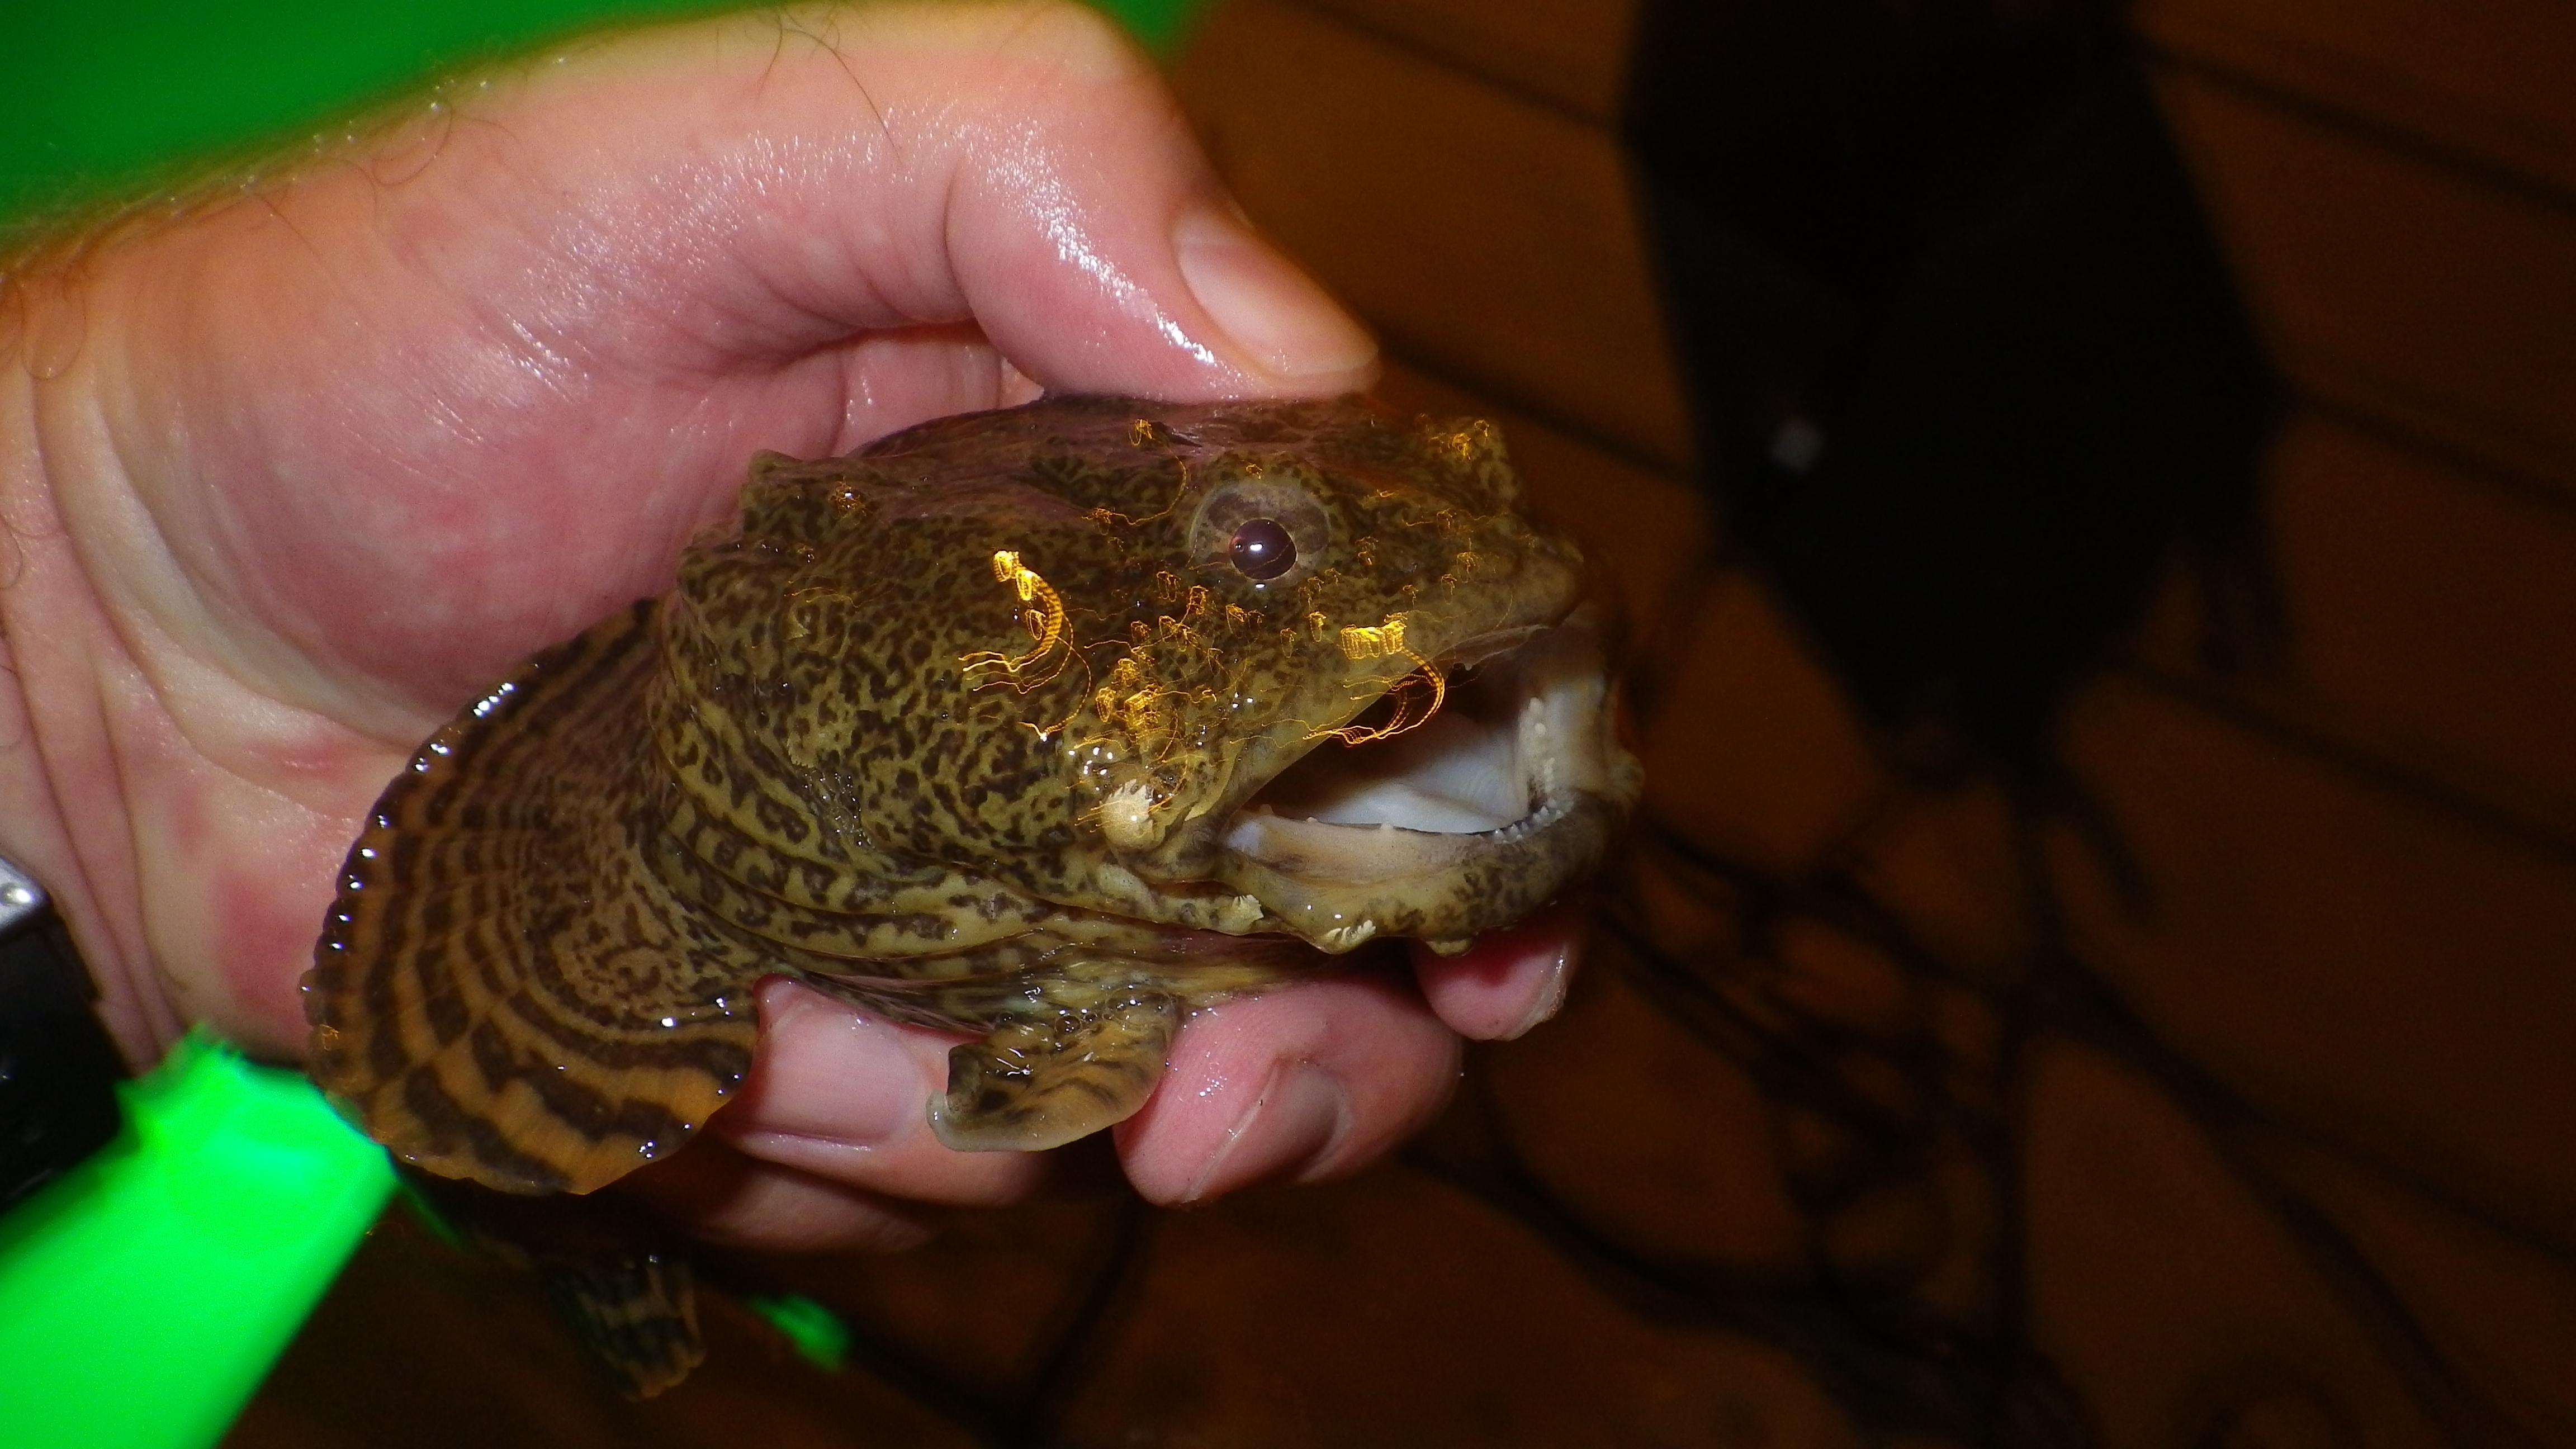 oyster toadfish, Opsanus tau